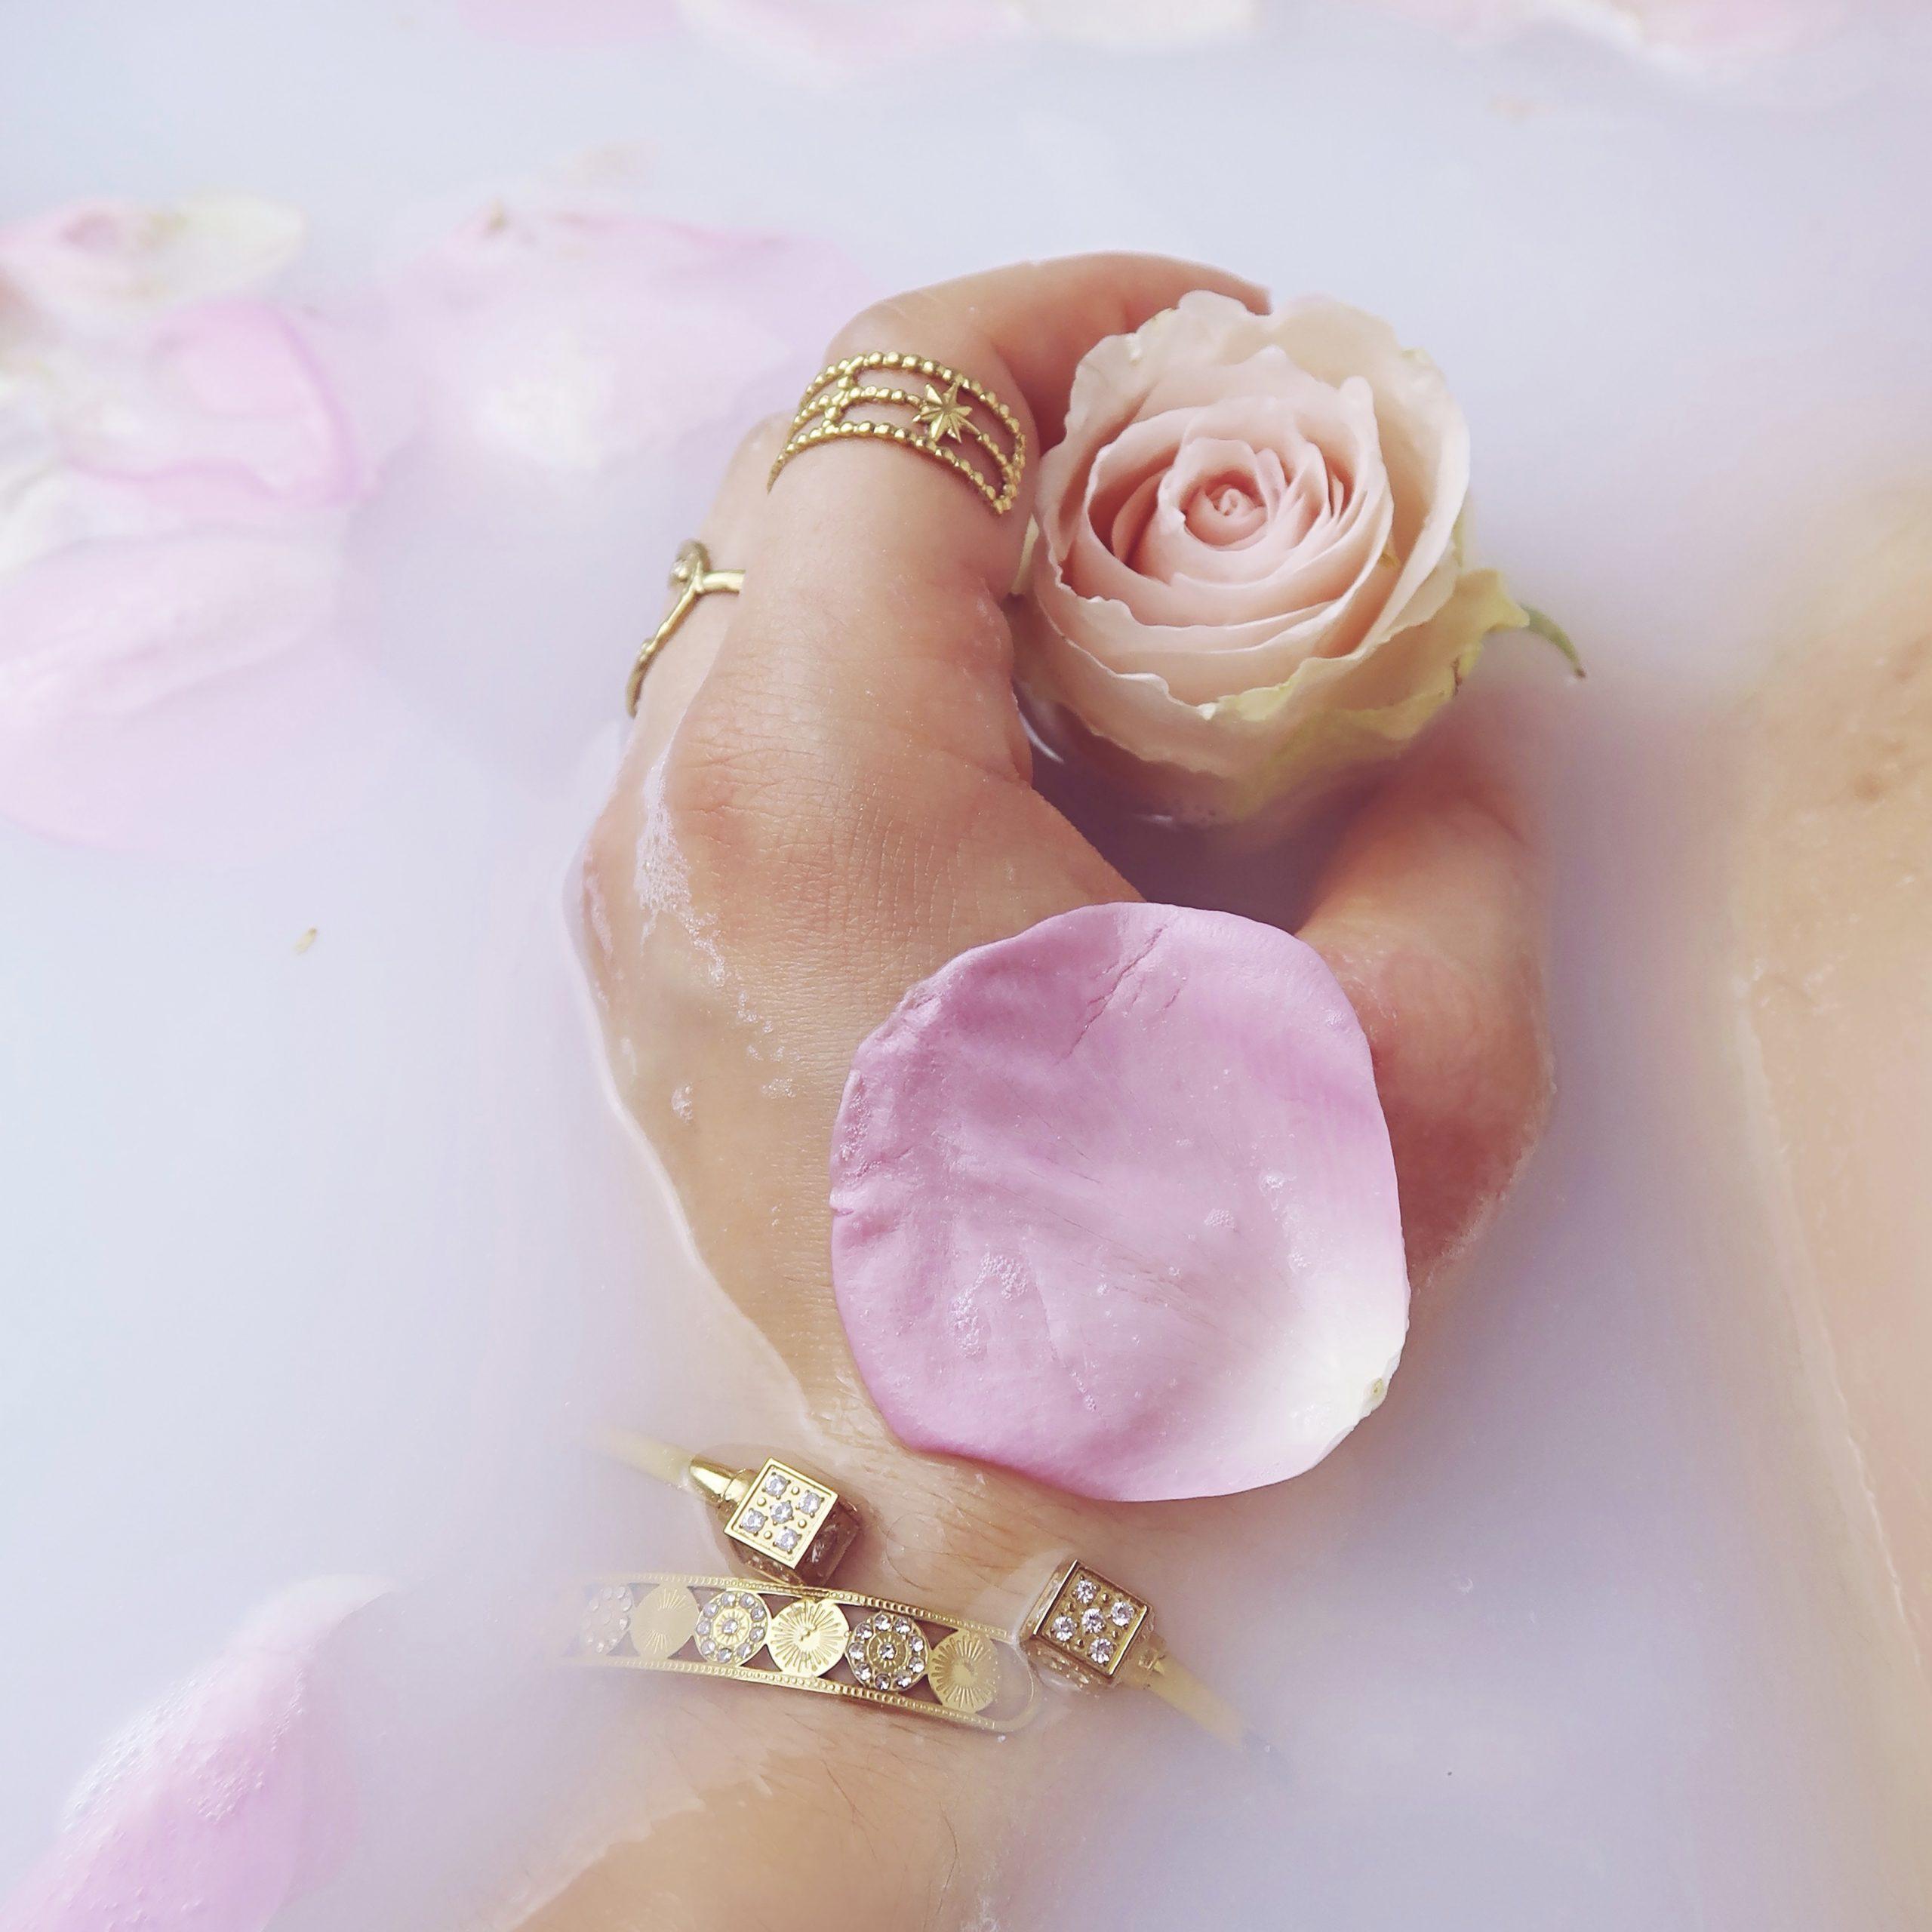 bijoux Hazanellie resistent à l'eau